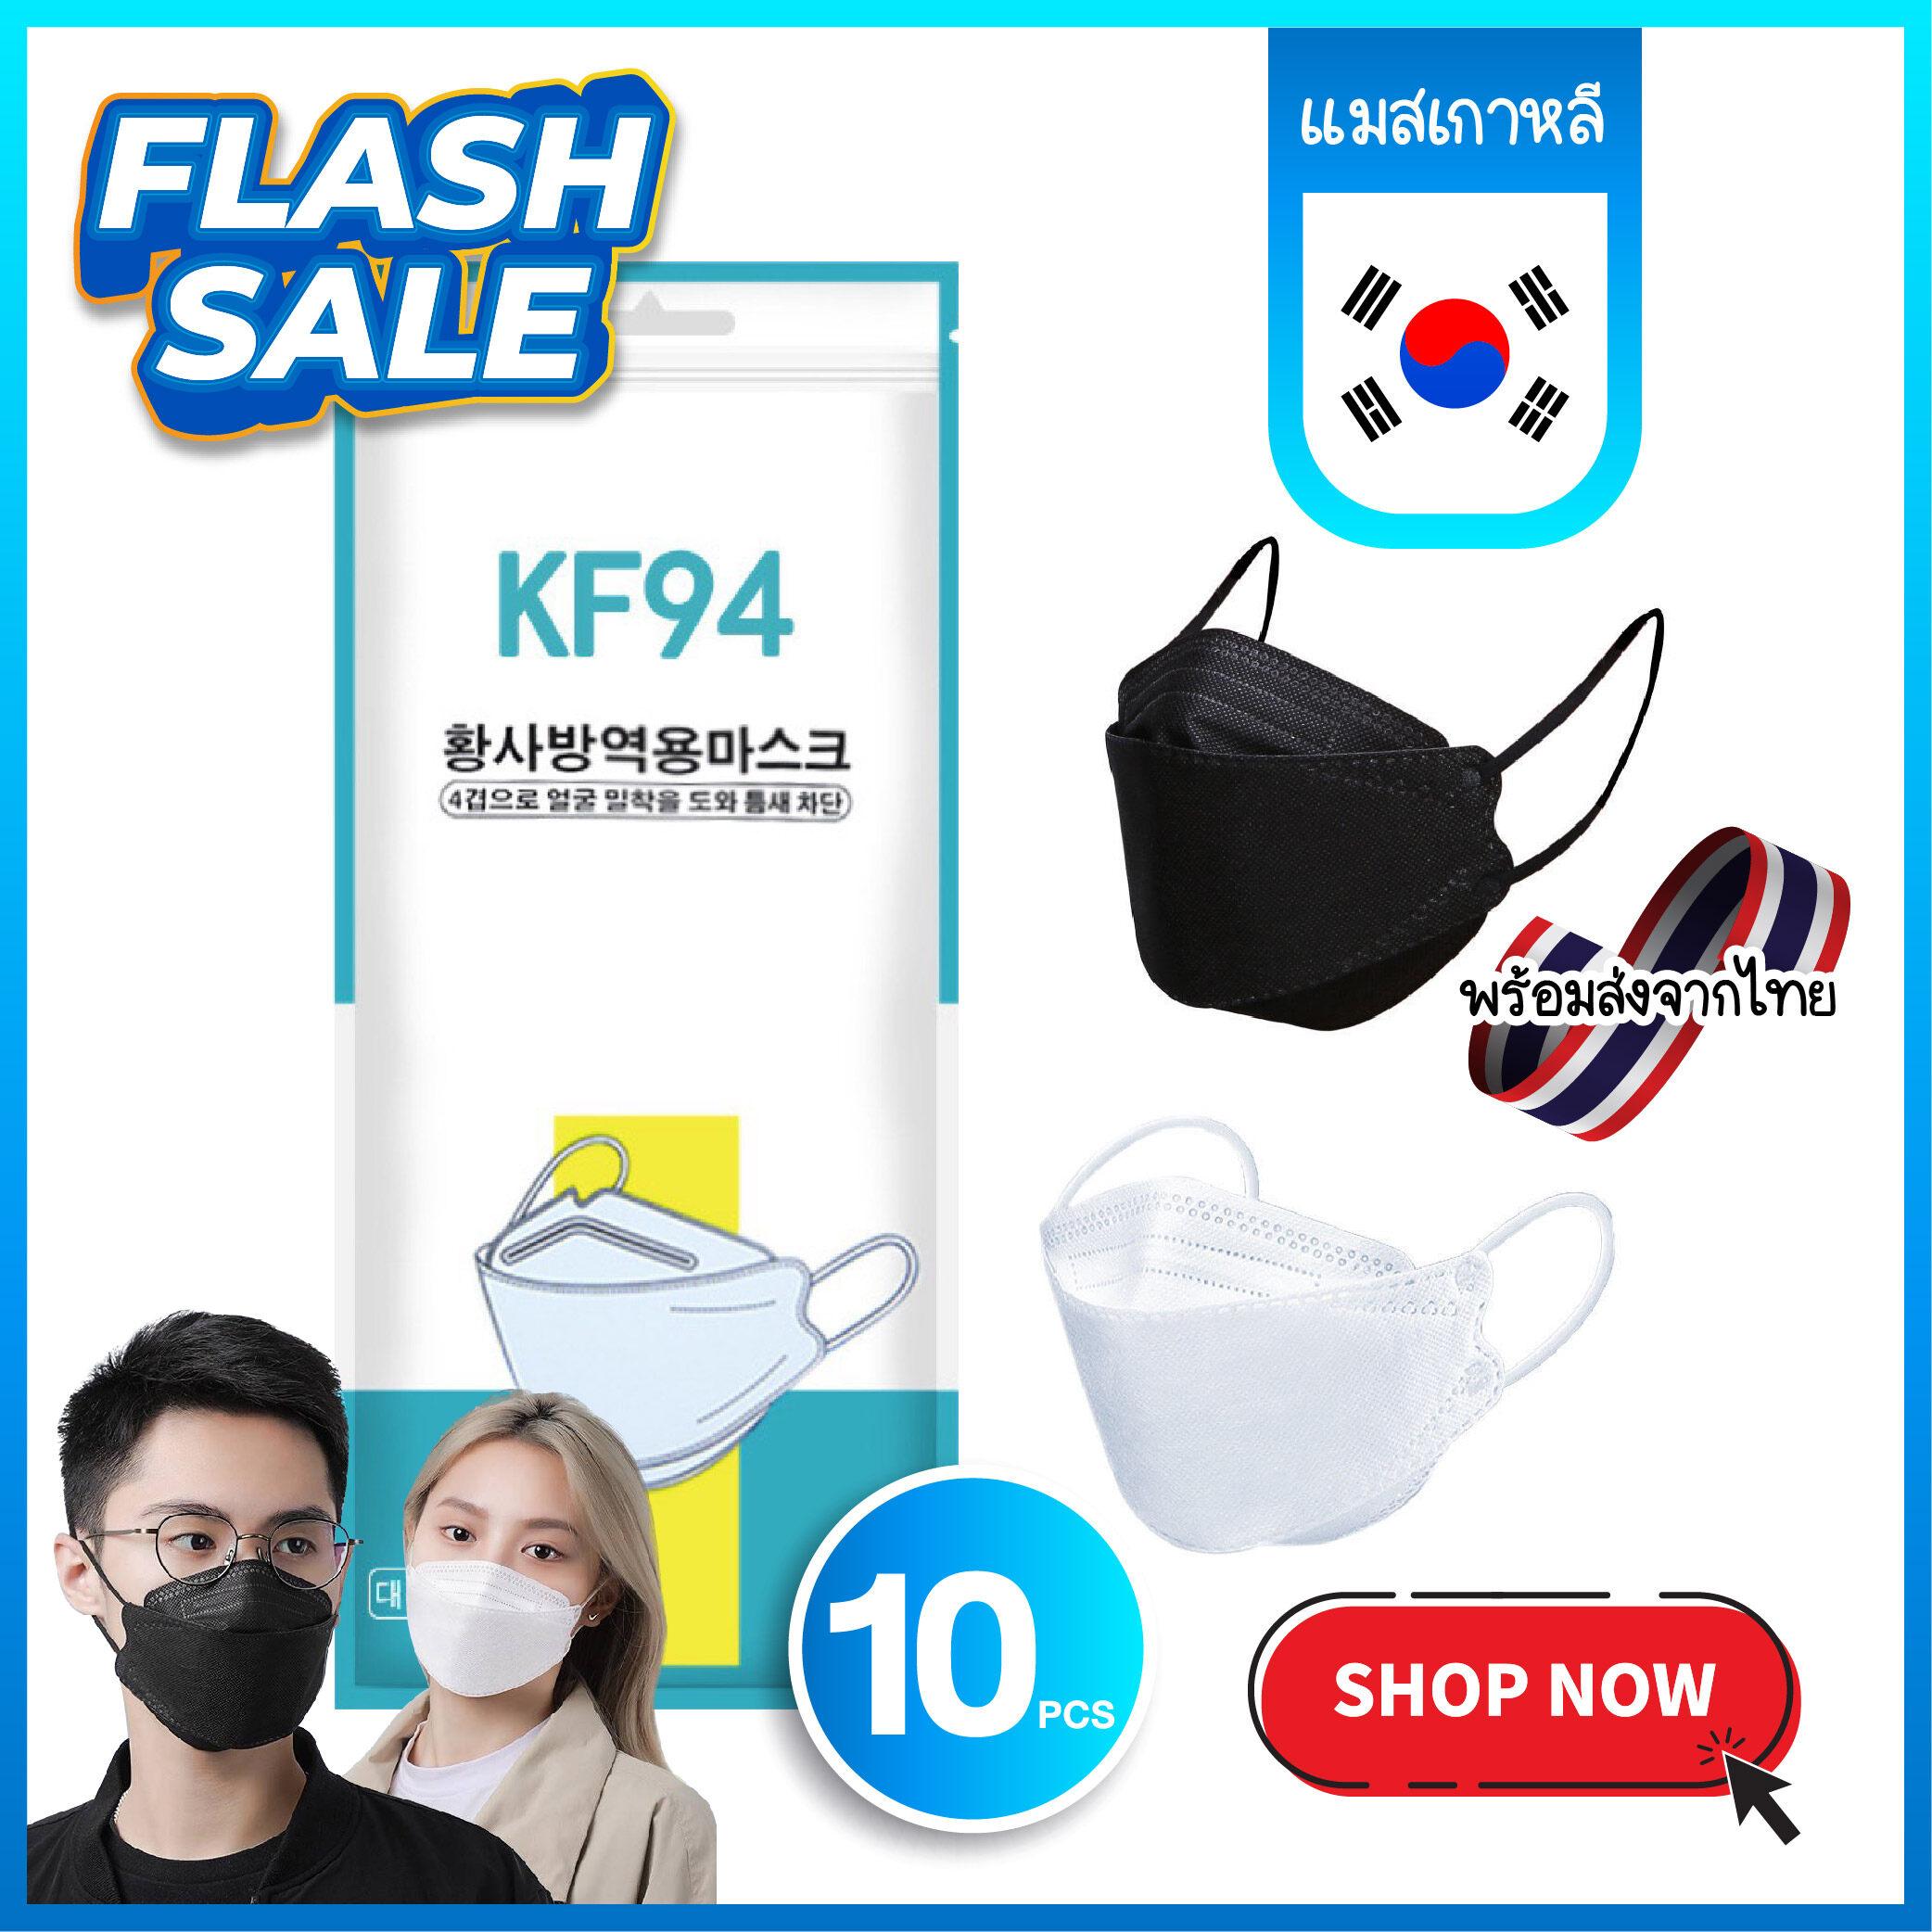 ??พร้อมส่งในไทย?? [สีดำ ขาว แพ็ค 10 ชิ้น] หน้ากากอนามัยทรงเกาหลี 3D Mask KF94 กรอง 4 ชั้น หน้ากากอนามัย แมสปิดปาก แมส แมสเกาหลี หนา4ชั้น